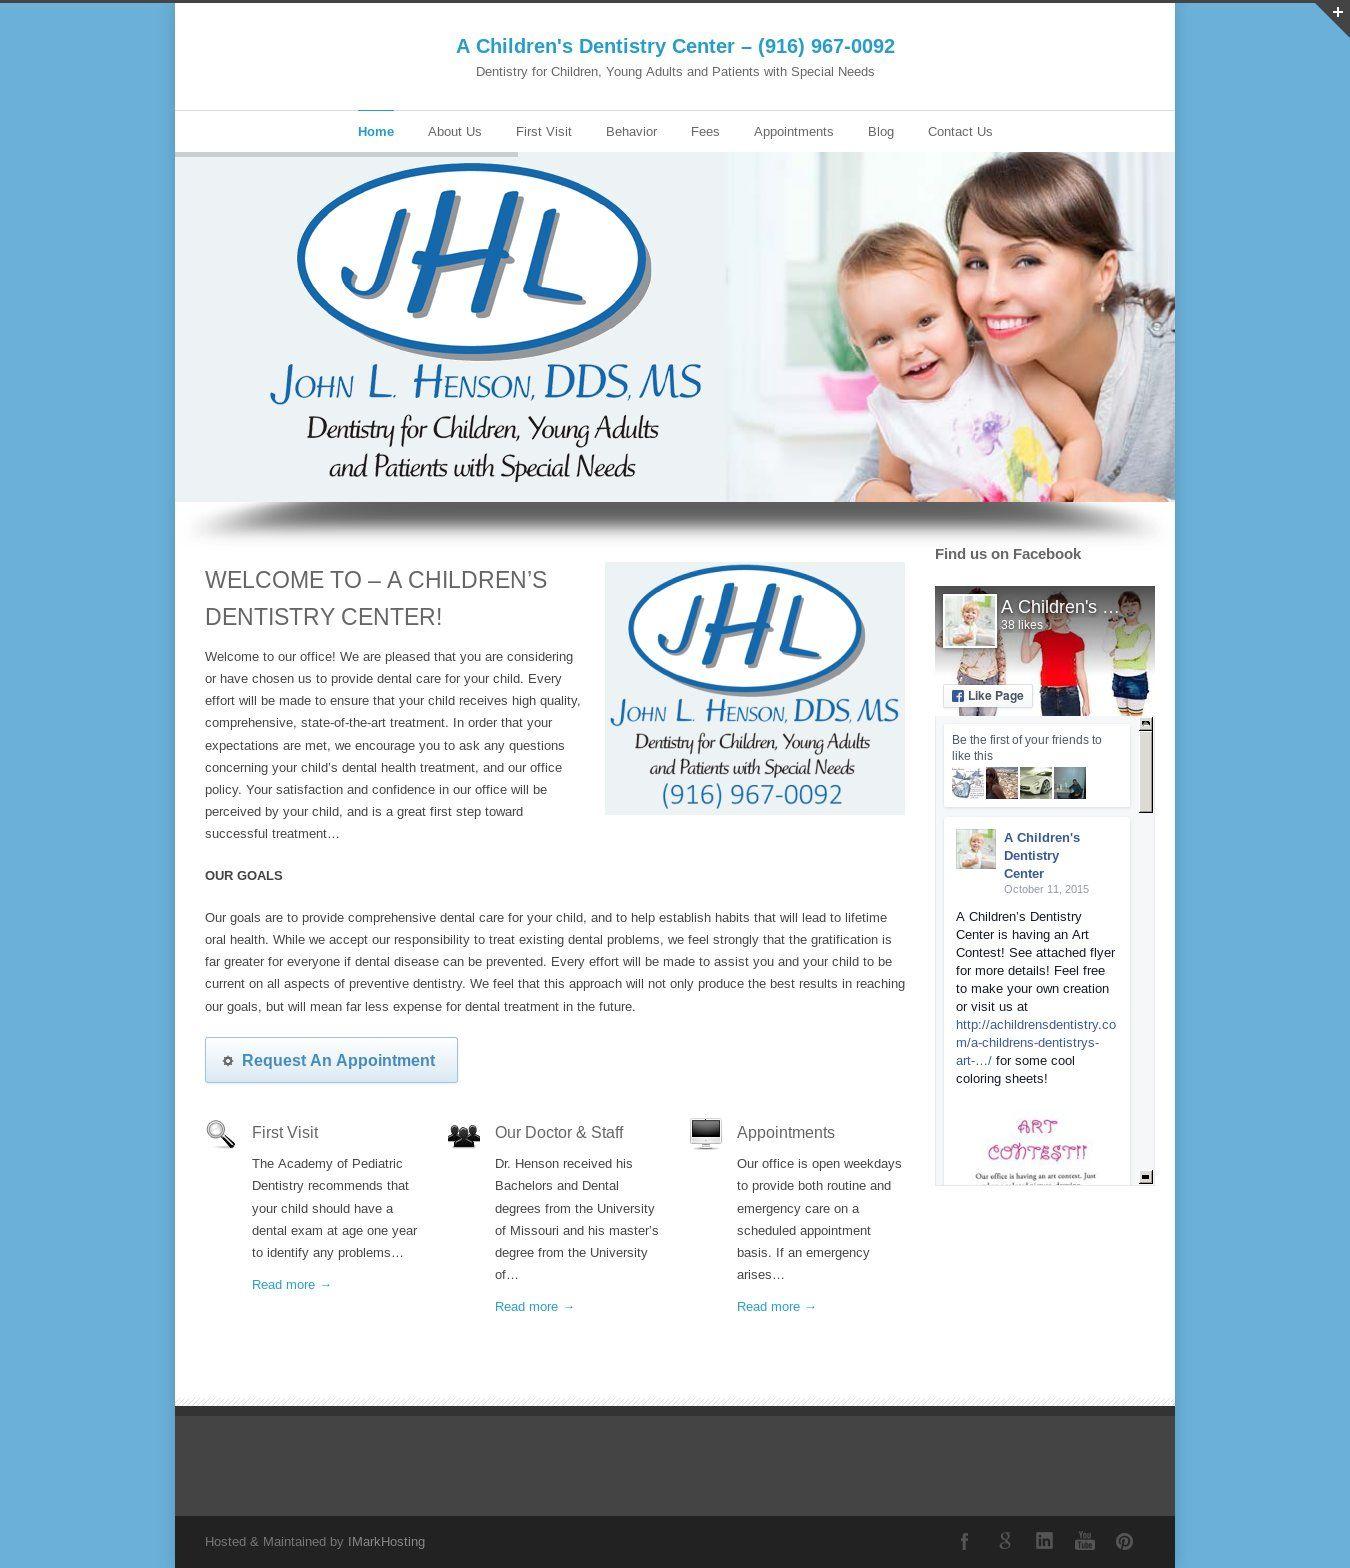 Wordpress site achildrensdentistry uses the inovado theme